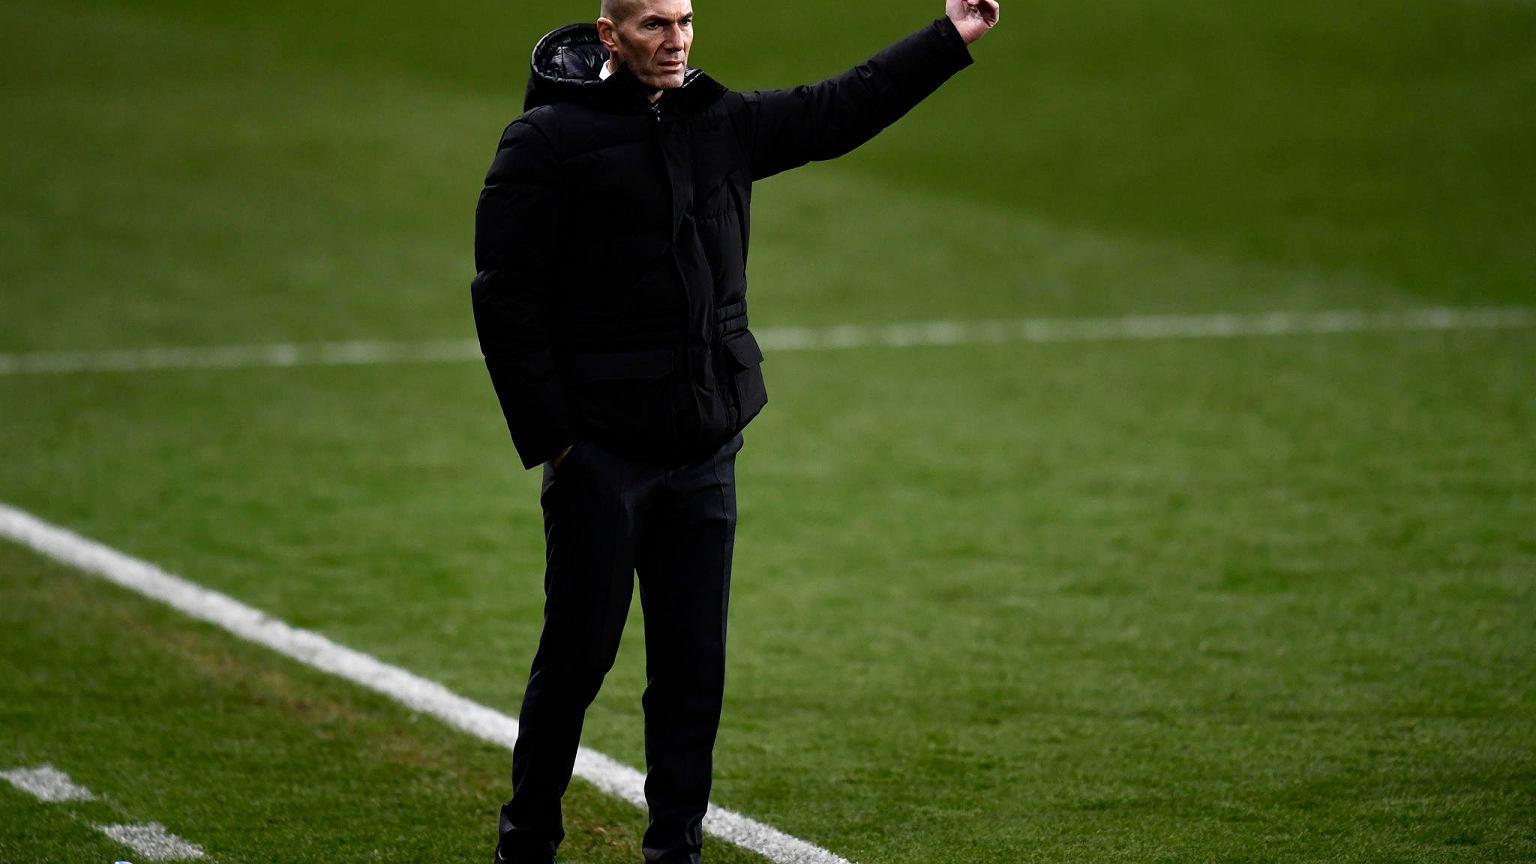 Real Madryt. Gigantyczne problemy Zidane'a.